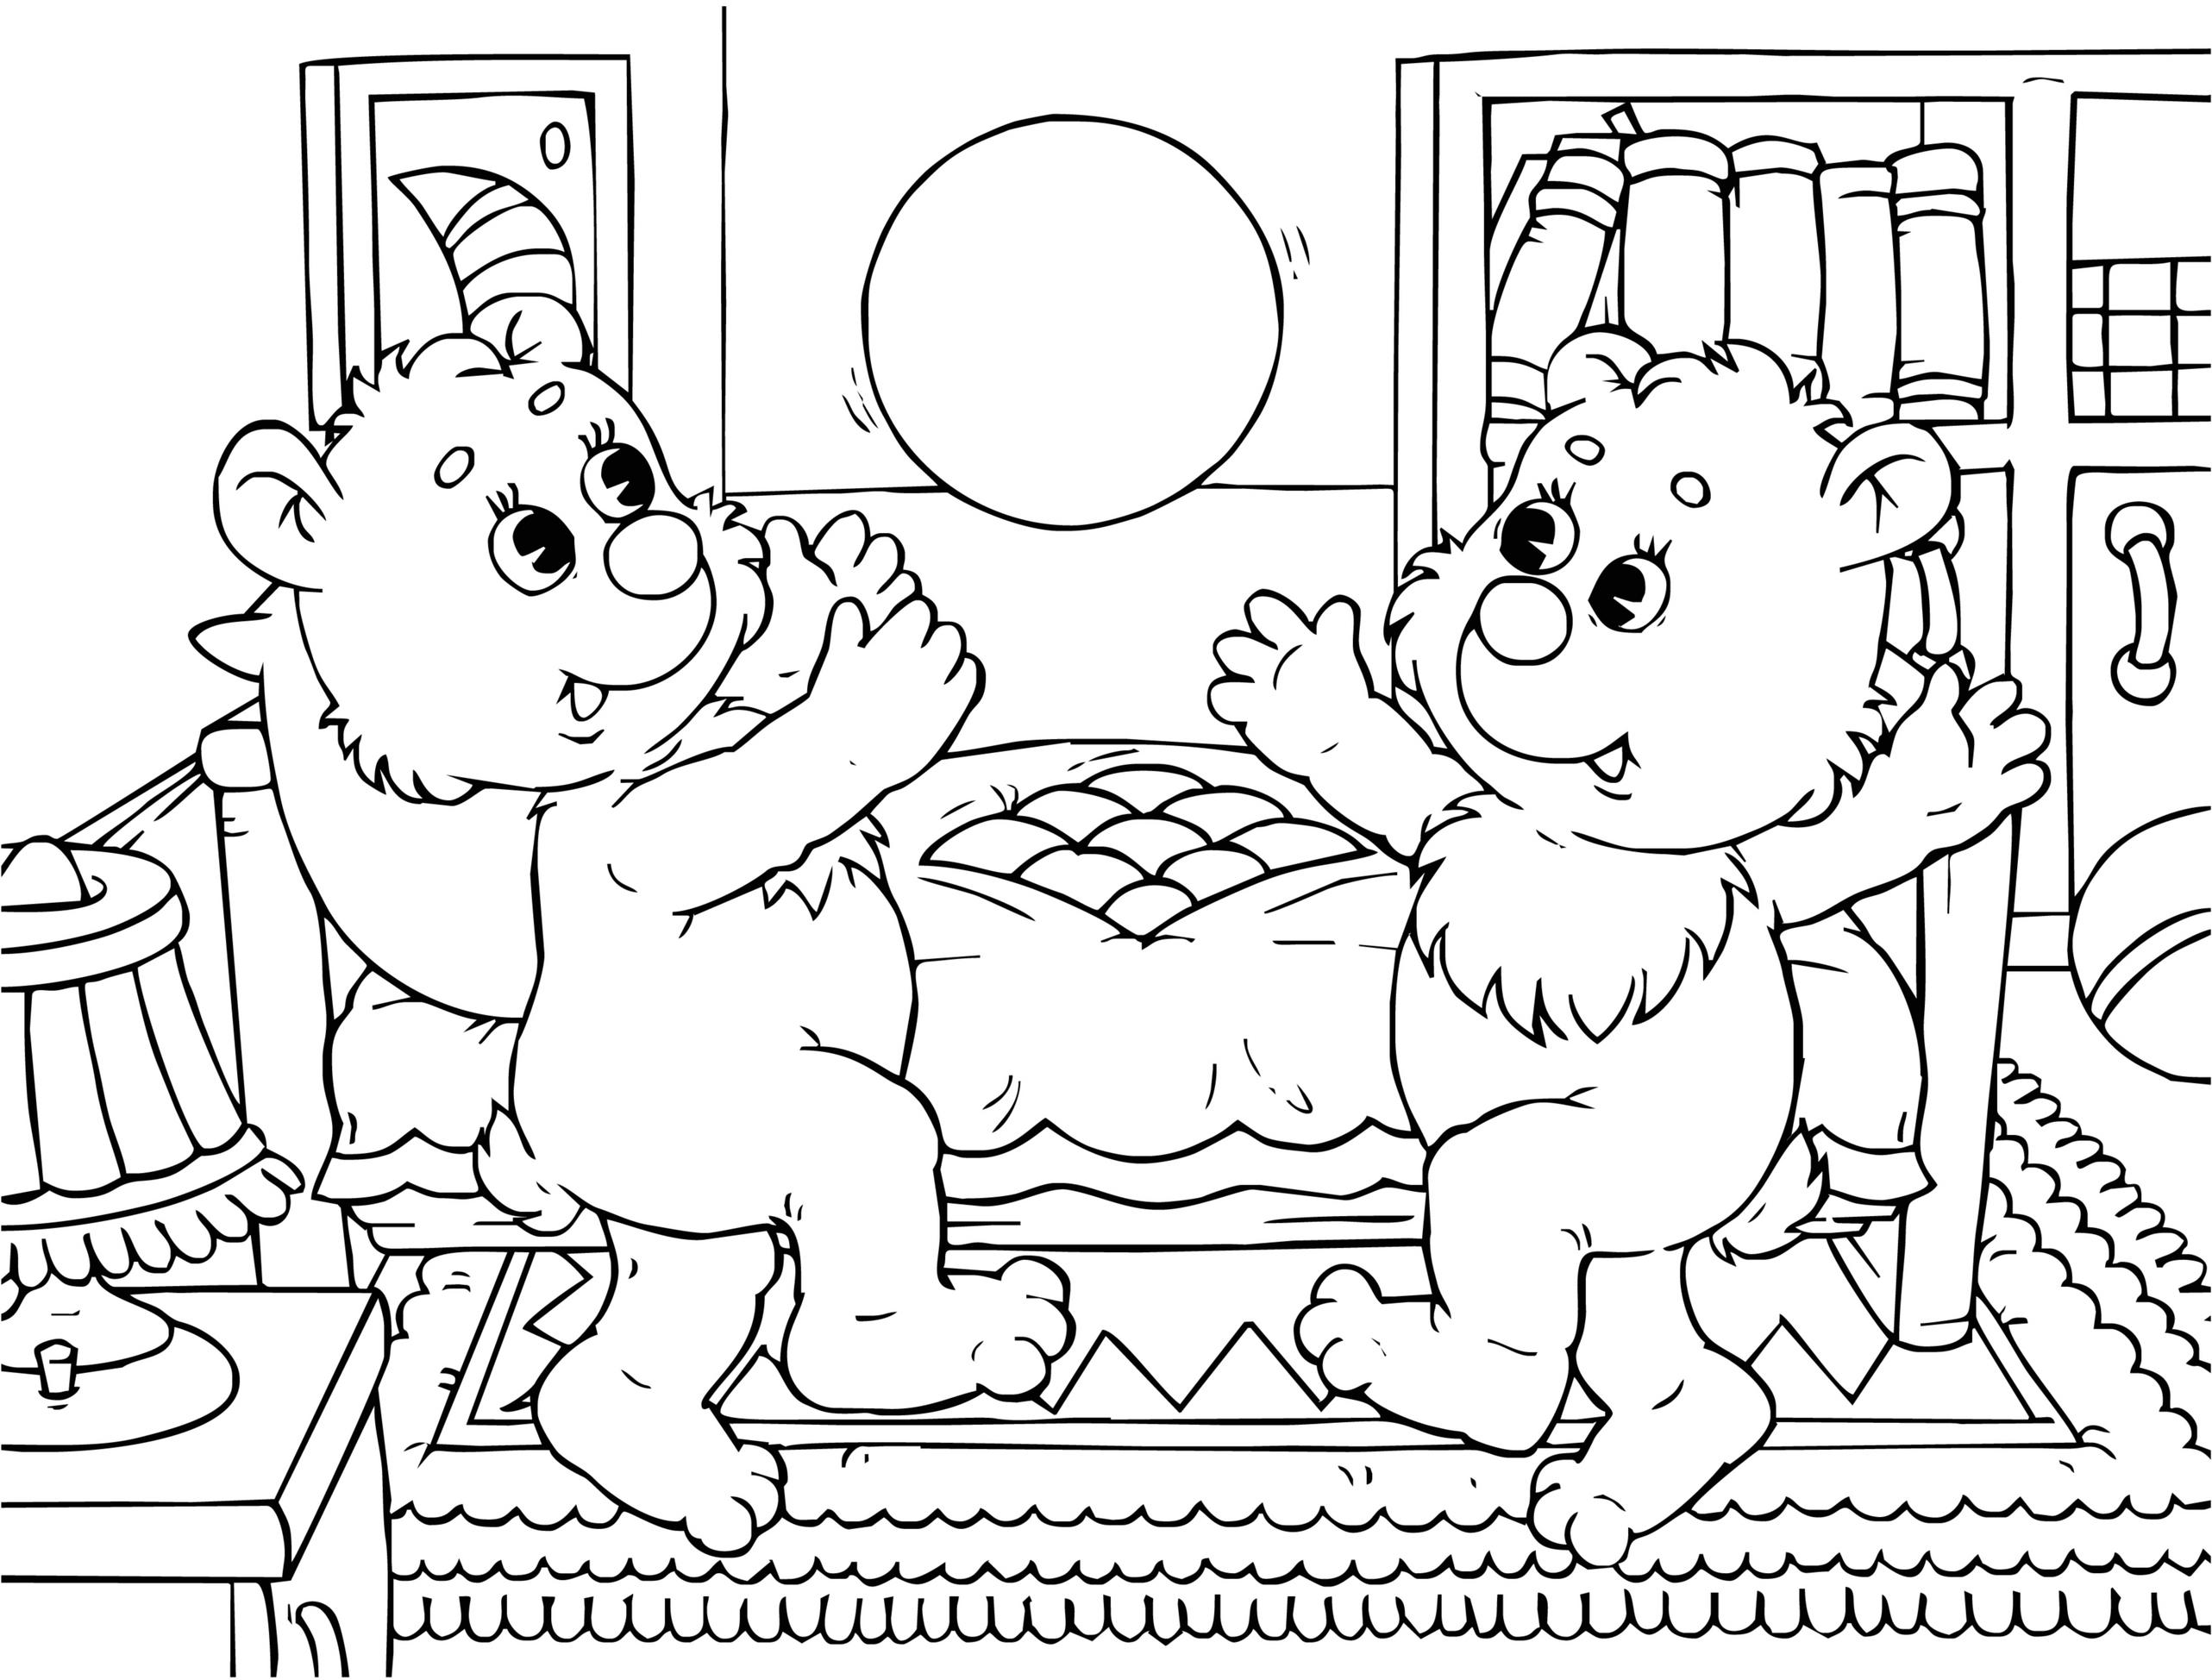 sfatulparintilor.ro_planse de colorat_doi ursuleti comici joaca volei